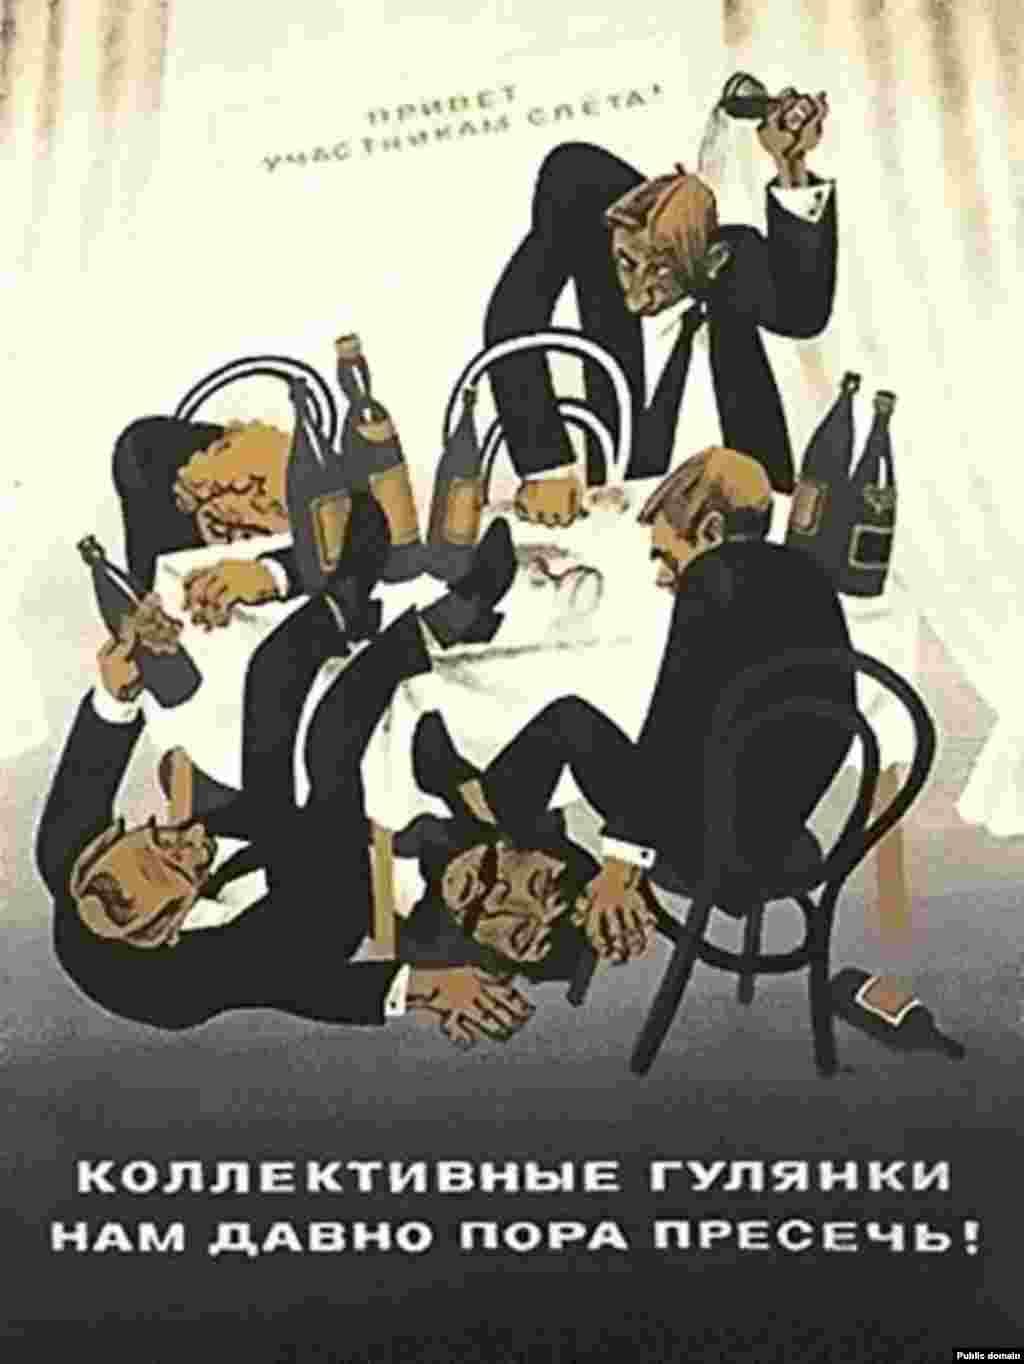 """""""Време е да спрем с банкетите"""". Кампанията срещу алкохола през 1972 г. съвпада с намеренията за намаляване на производството на високоалкохолни напитки и увеличаване на производството на вино и бира. До края на 1970-те години употребата на алкохол достига най-високото равнище в историята на Съветския съюз."""